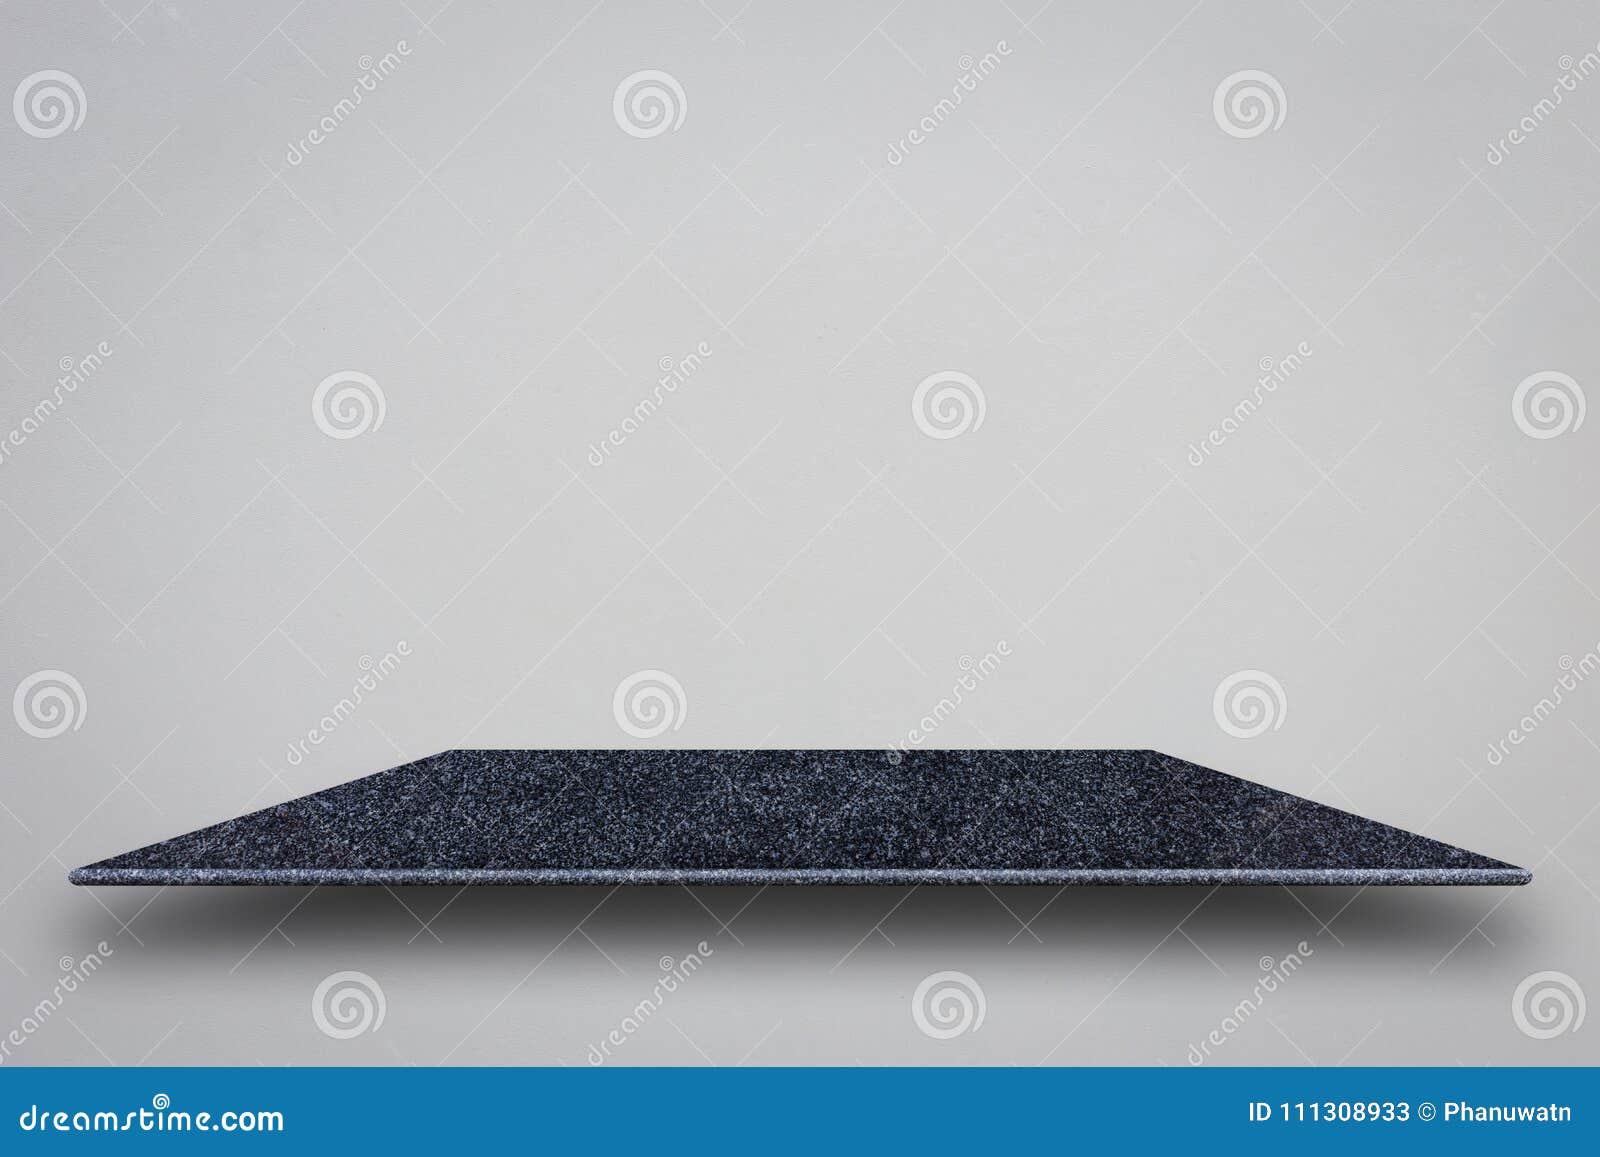 Pusty wierzchołek naturalne kamień półki i kamienna ściana dla produktu d